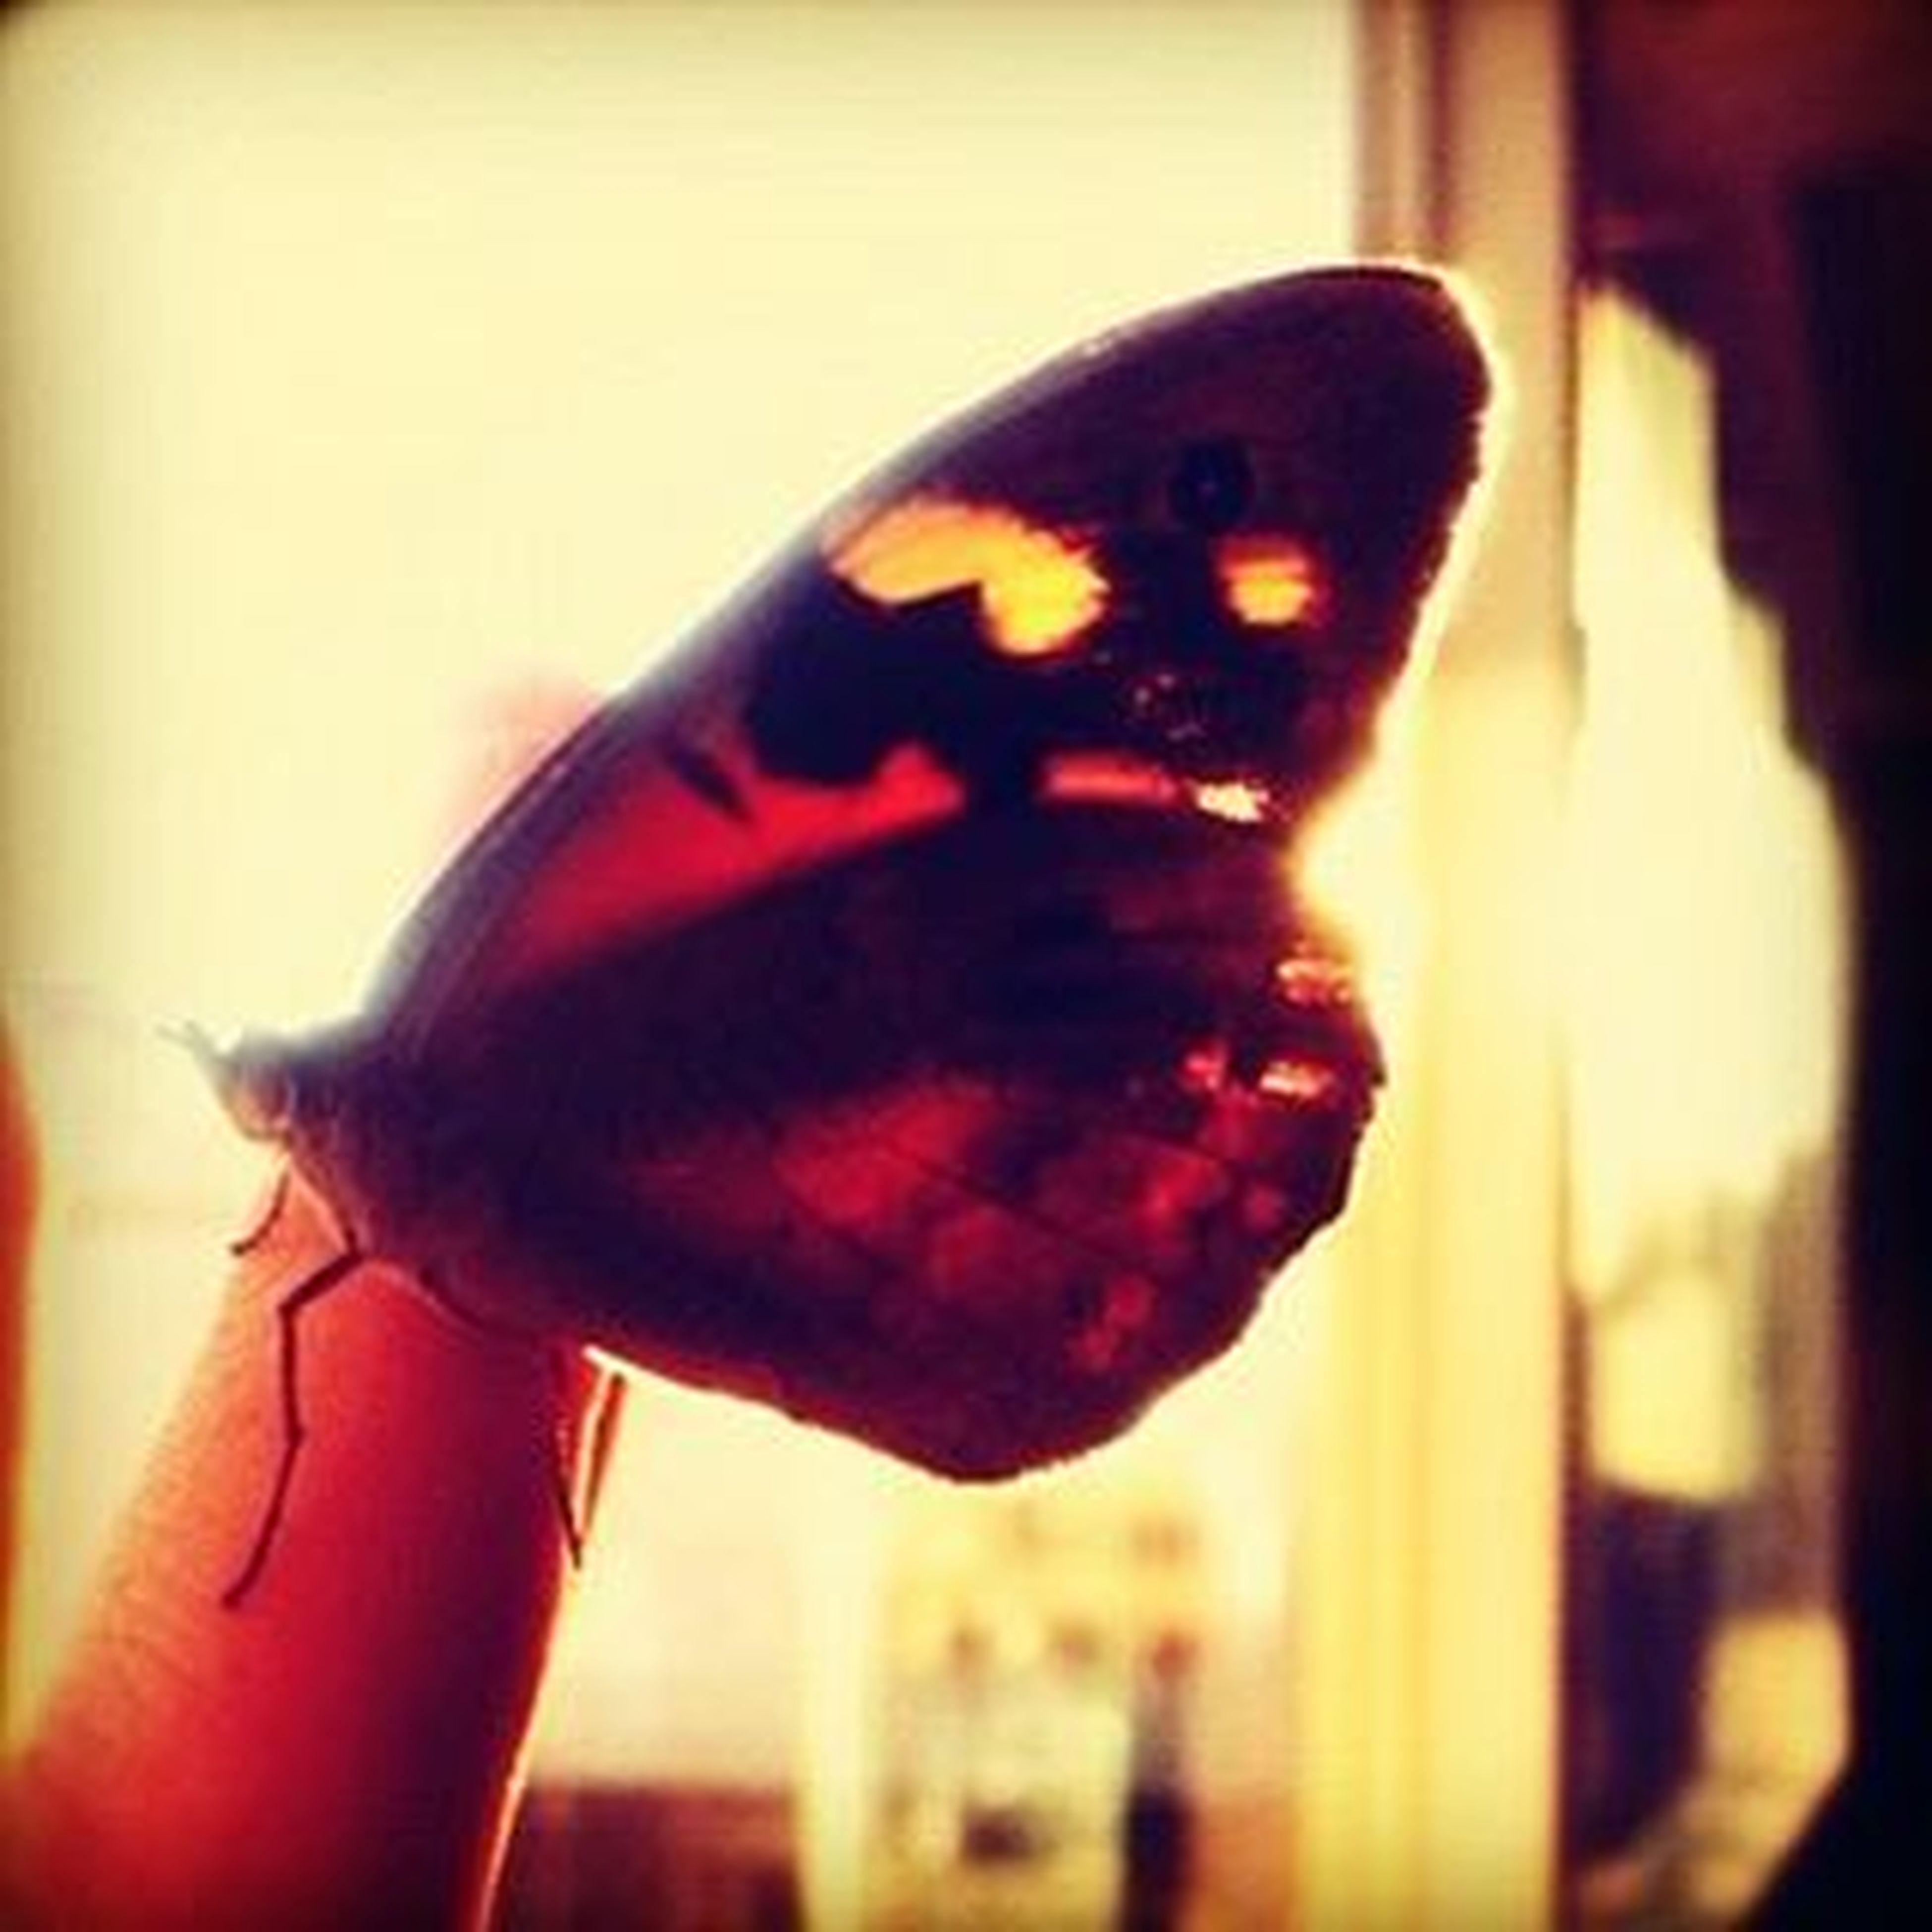 Όταν ανοίγεις τα παράθυρα να μπεί φως. Happymornings Gmorningworld Butterfly Light Sun Sunnyday Colourful Beautifulcreature υπαρχουν_και_αυτα ναομορφαινουνταπρωιναμασ αθηναρα εχεισκιεσυτατυχερασου φιλδελοβ λοβδεσοουλ Flylikeabutterfly Befree Embraceyourfreedoms LoveYourself